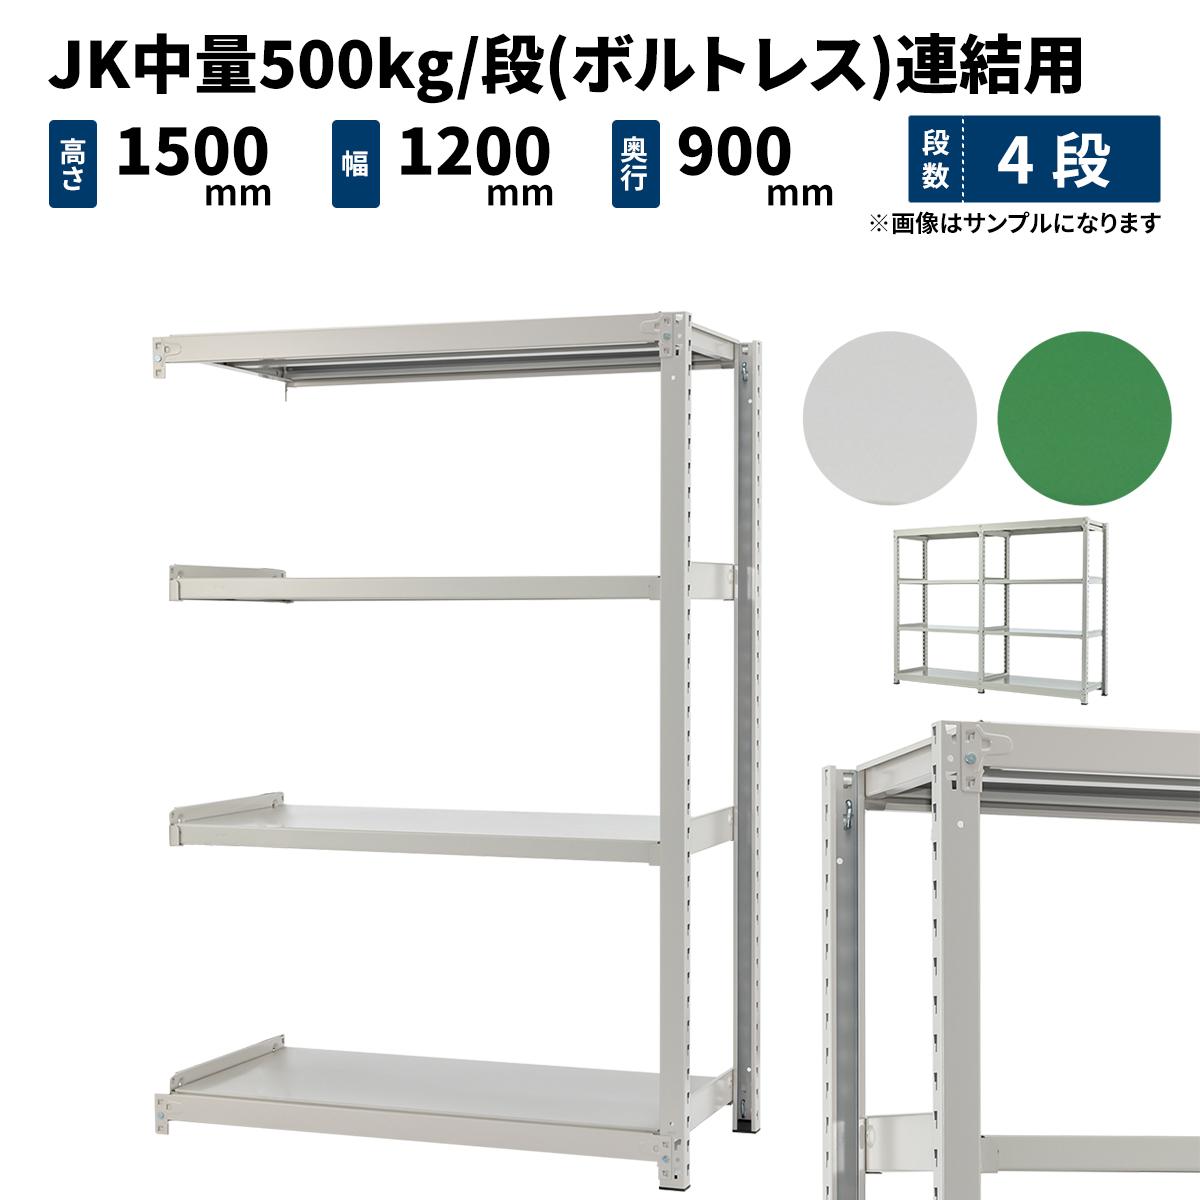 スチールラック 業務用 JK中量500kg/段(ボルトレス) 連結形式 高さ1500×幅1200×奥行900mm 4段 ホワイトグレー/グリーン (85kg) JK500_R-151209-4